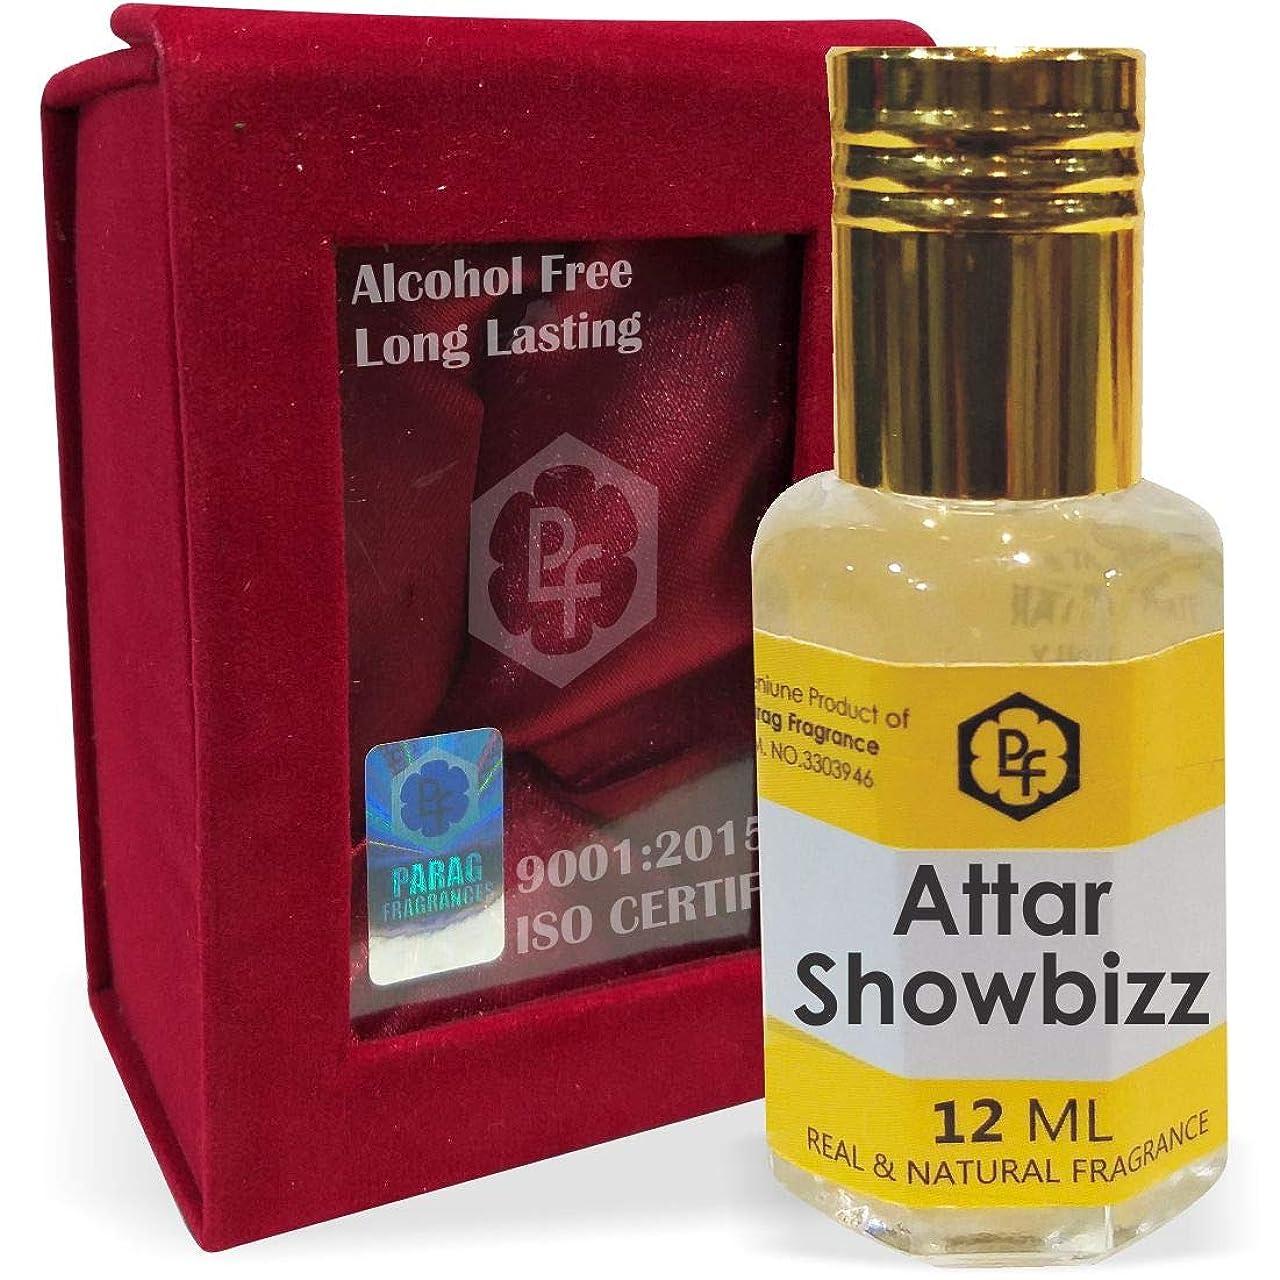 法的カロリー支援ParagフレグランスShowbizz手作りベルベットボックス12ミリリットルアター/香水(インドの伝統的なBhapka処理方法により、インド製)オイル/フレグランスオイル|長持ちアターITRA最高の品質